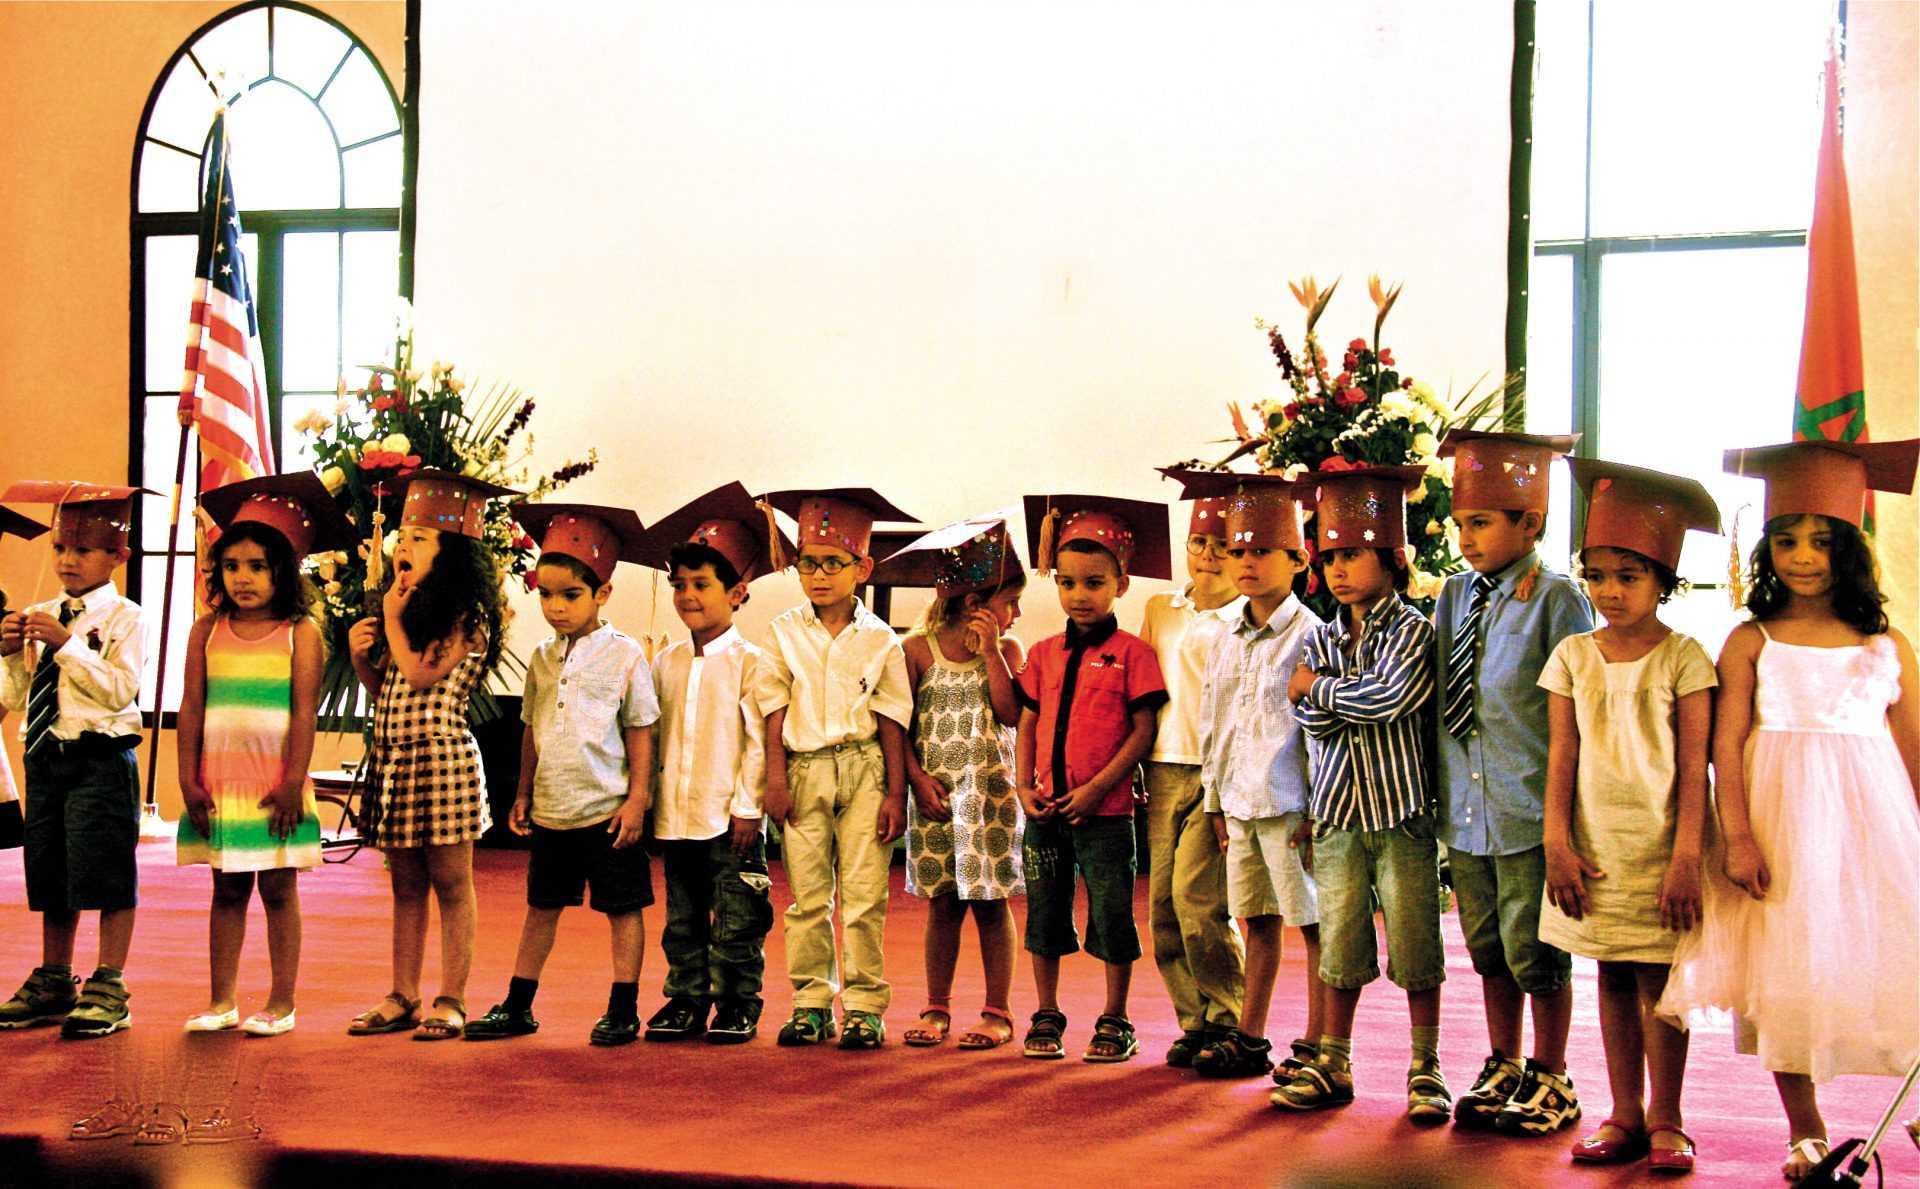 Le projet éducatif de l'École Américaine de Marrakech